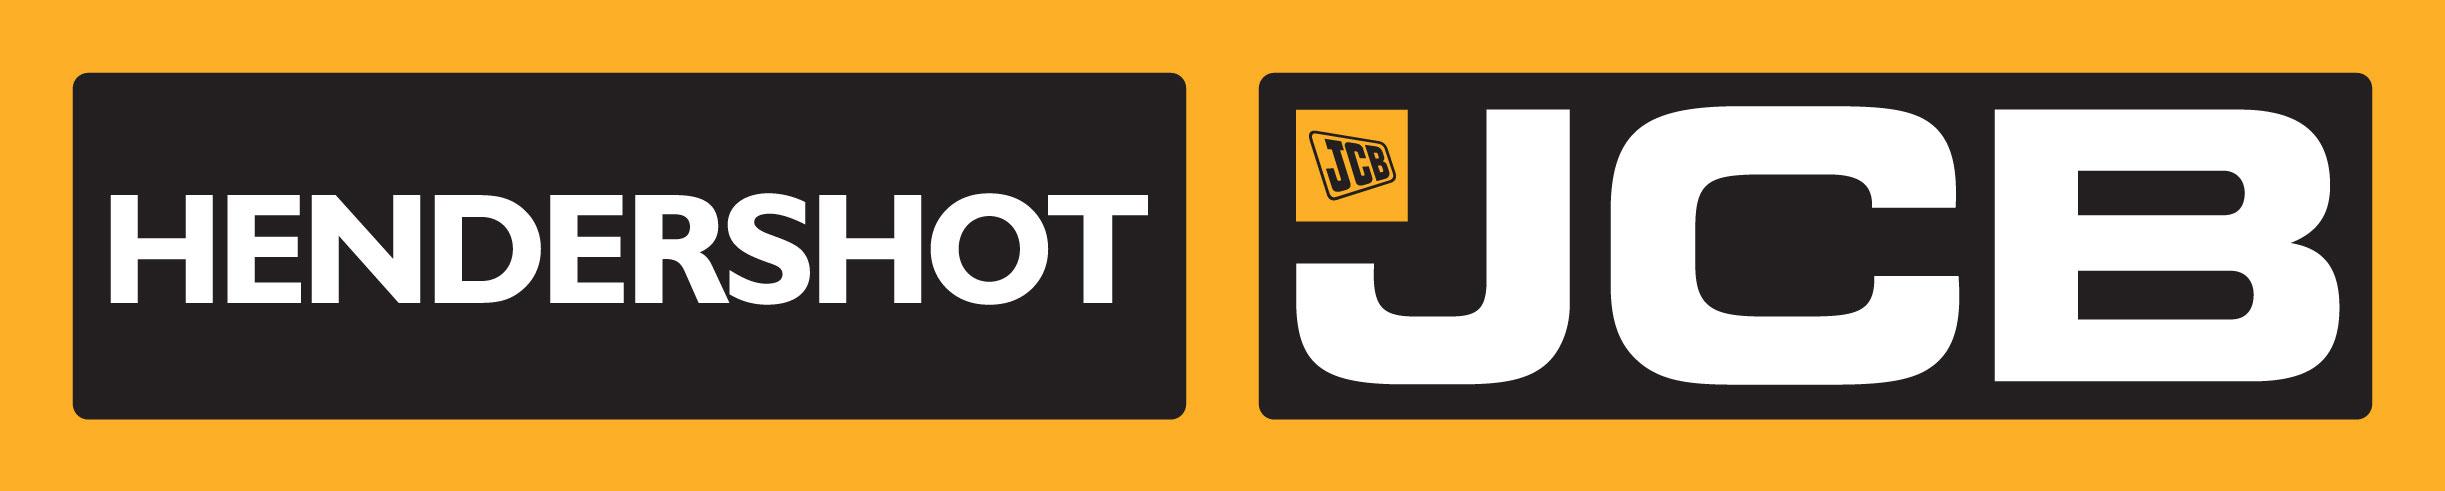 Hendershot JCB company logo